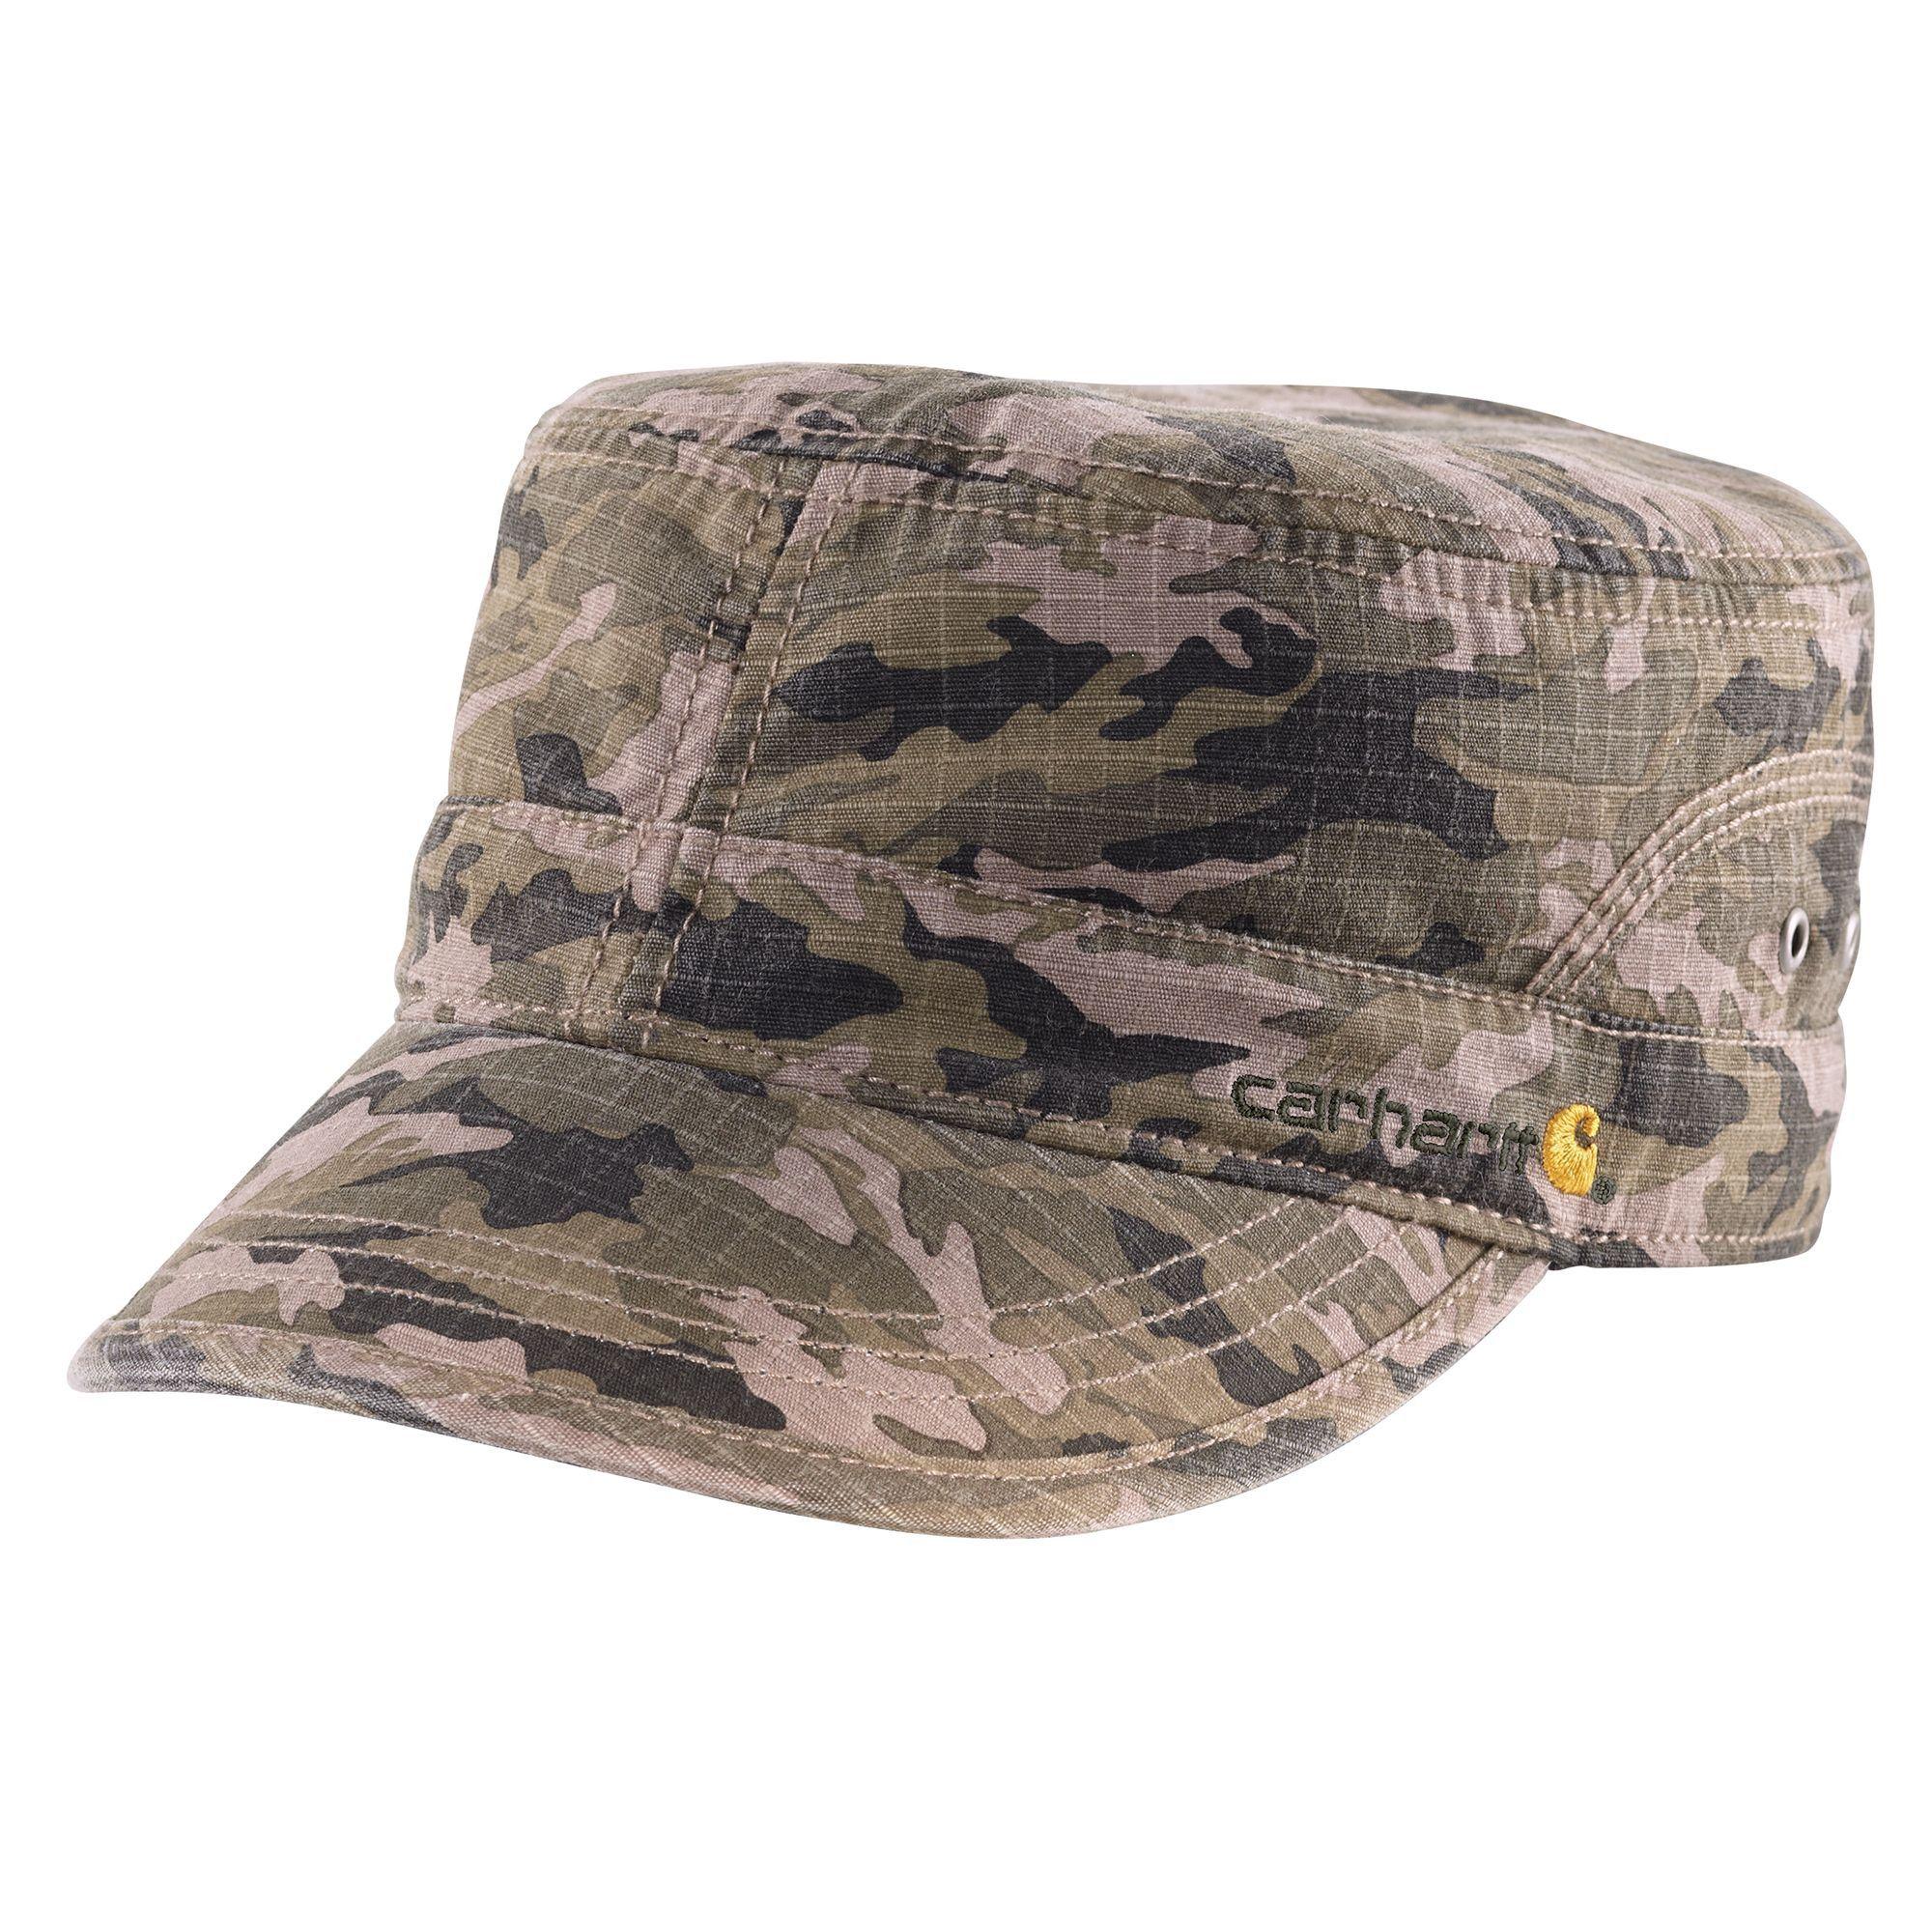 d451090560e Carhartt WomensEl Paso Ripstop Military Cap 101187 Camo Green ...